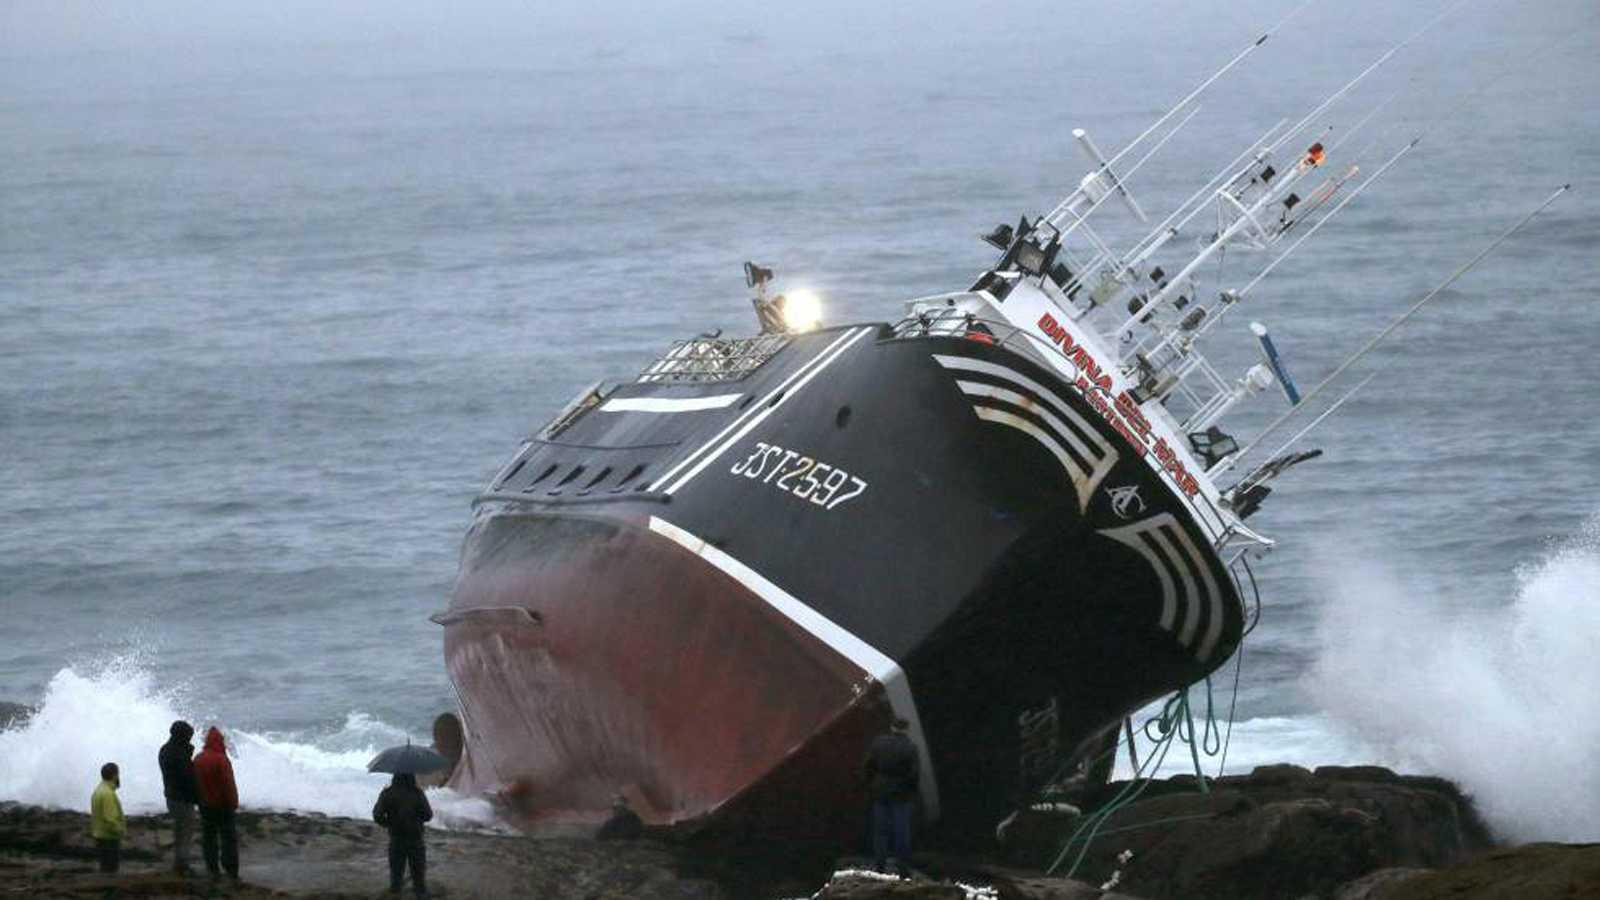 Españoles en la mar - Informe sobre siniestralidad en buques pesqueros - 29/10/20 - escuchar ahora